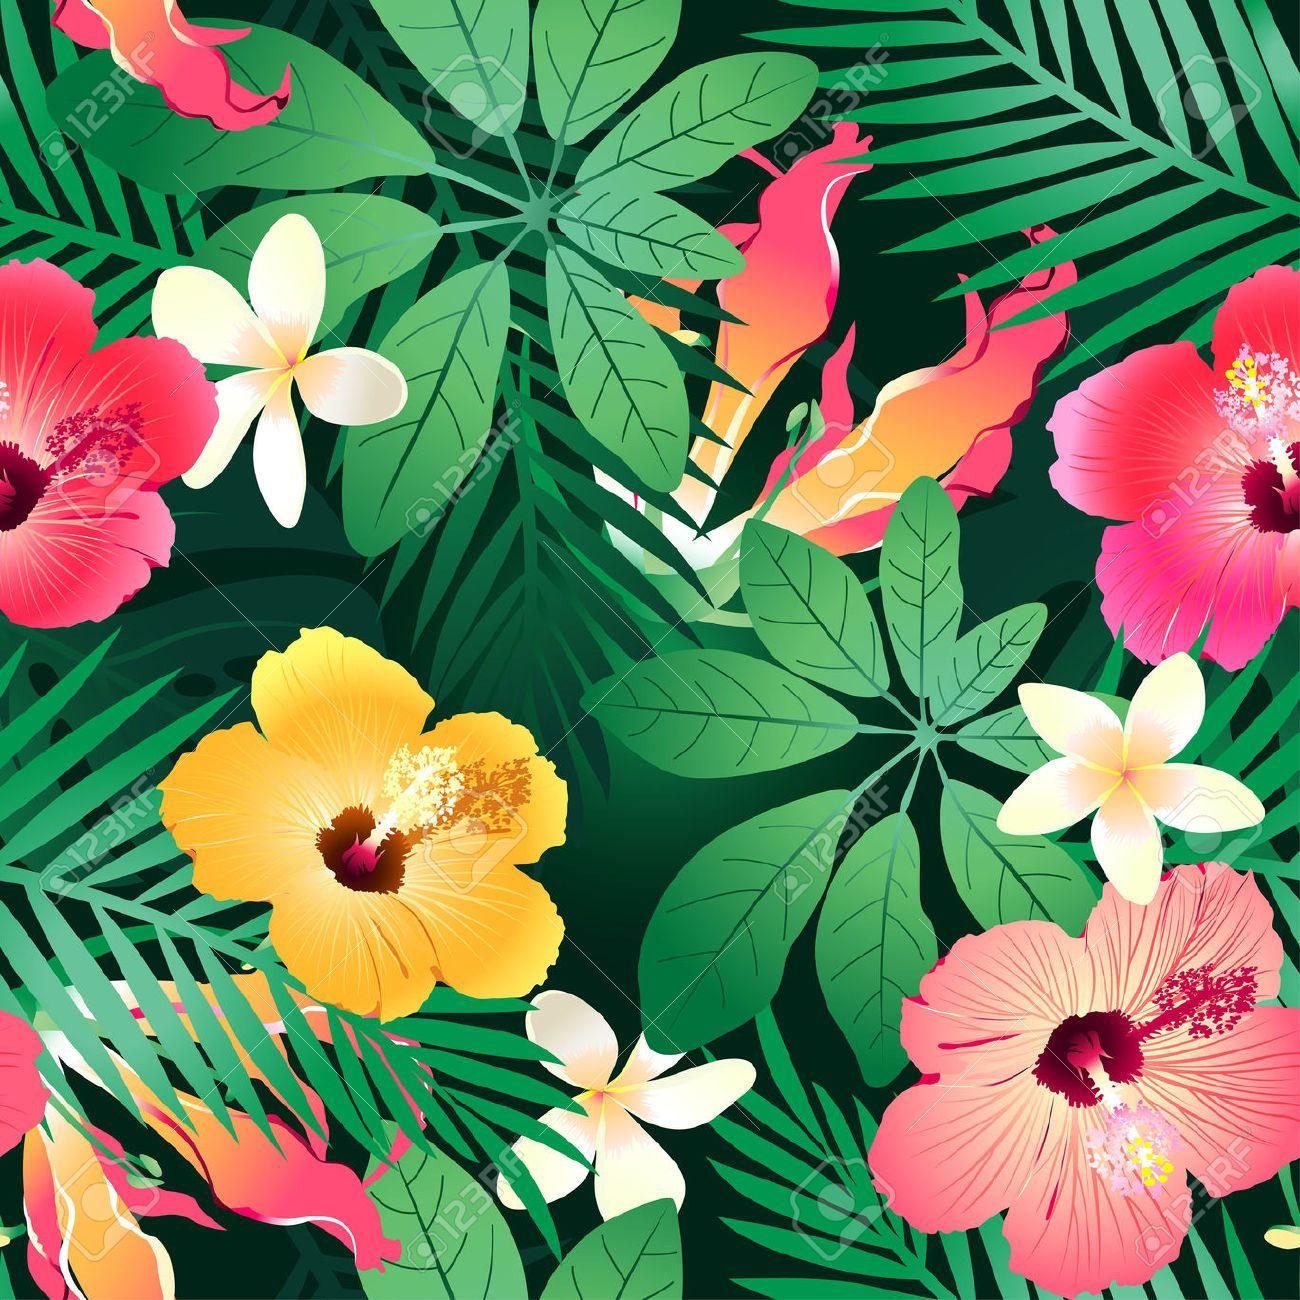 Pin By Heloisa Dassie On Patterns